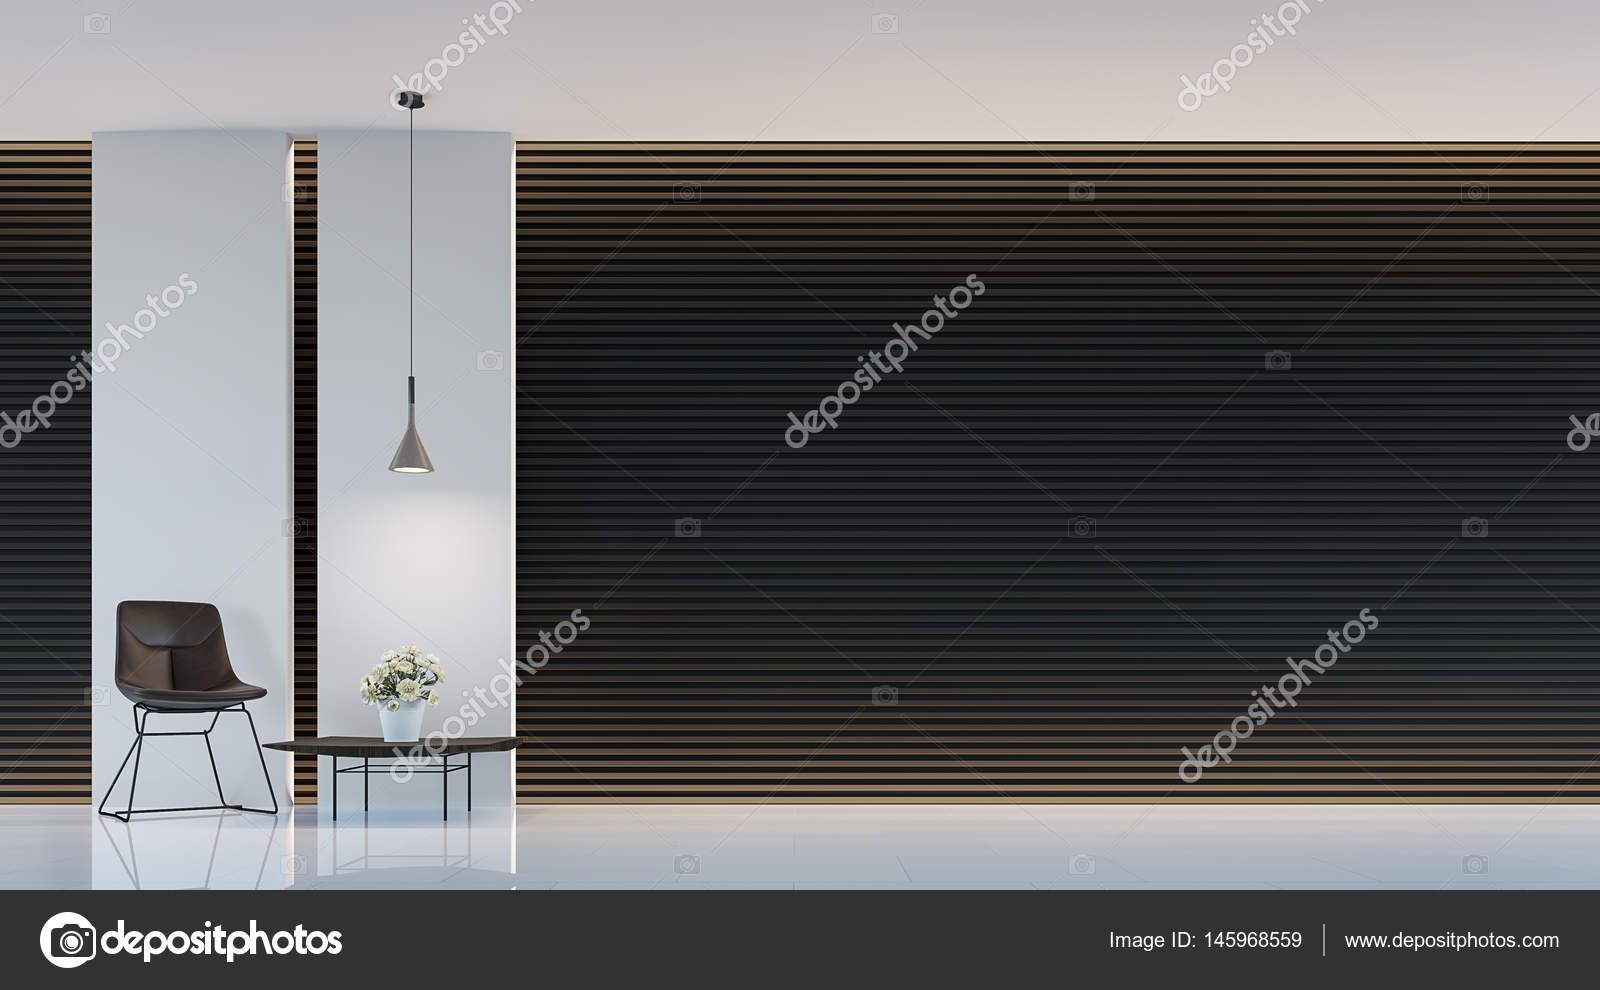 Modernen Schwarz Weiß Wohnzimmer Interior 3d Render Bild. Eine Leere Wand  Mit Reinem Weiß. Wand Dekorieren Mit Extrudieren Horizont Linienmuster Und  ...